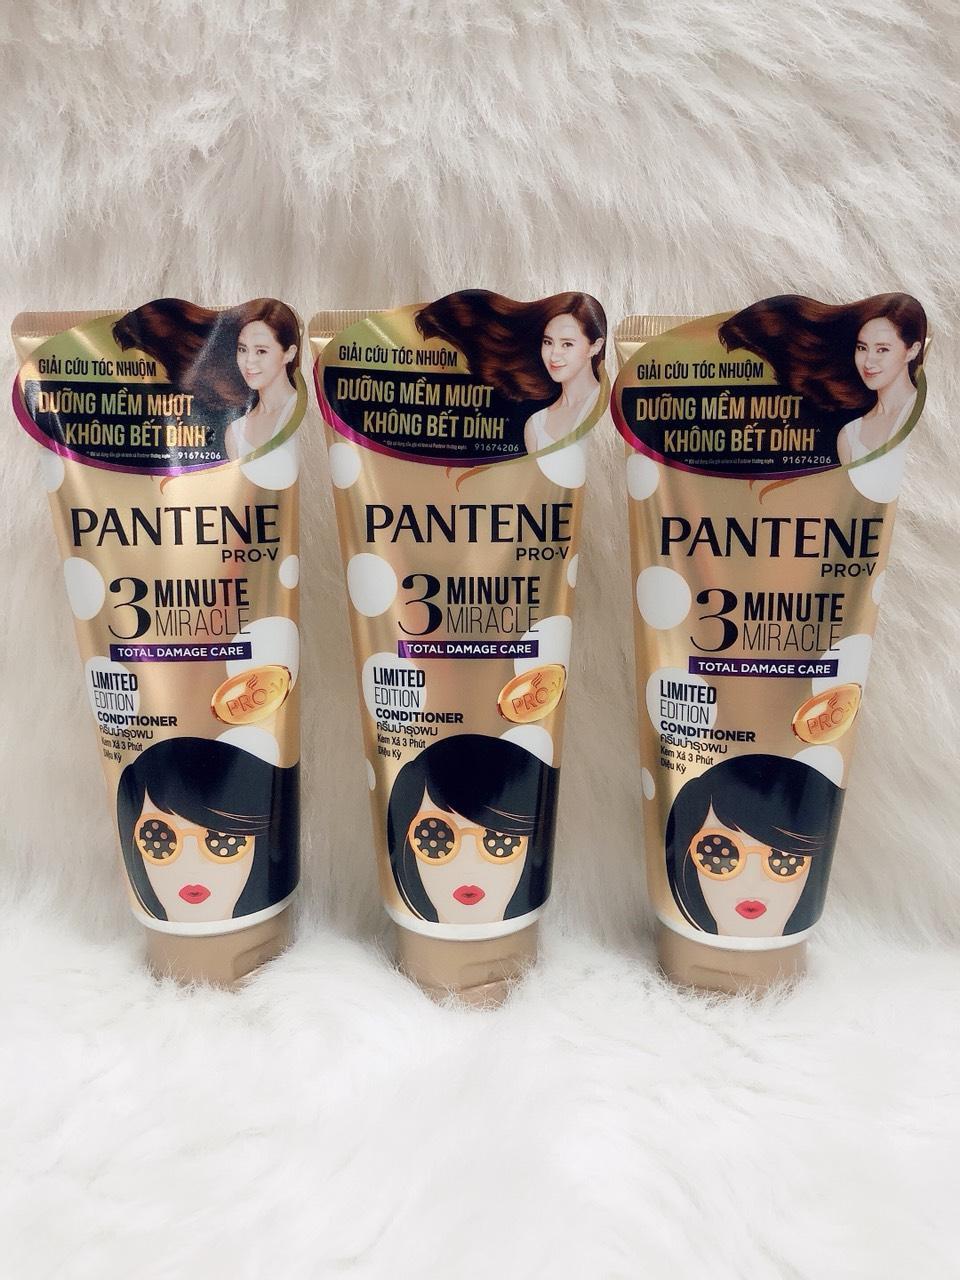 Kem Xã PANTENE dành cho tóc nhuộm